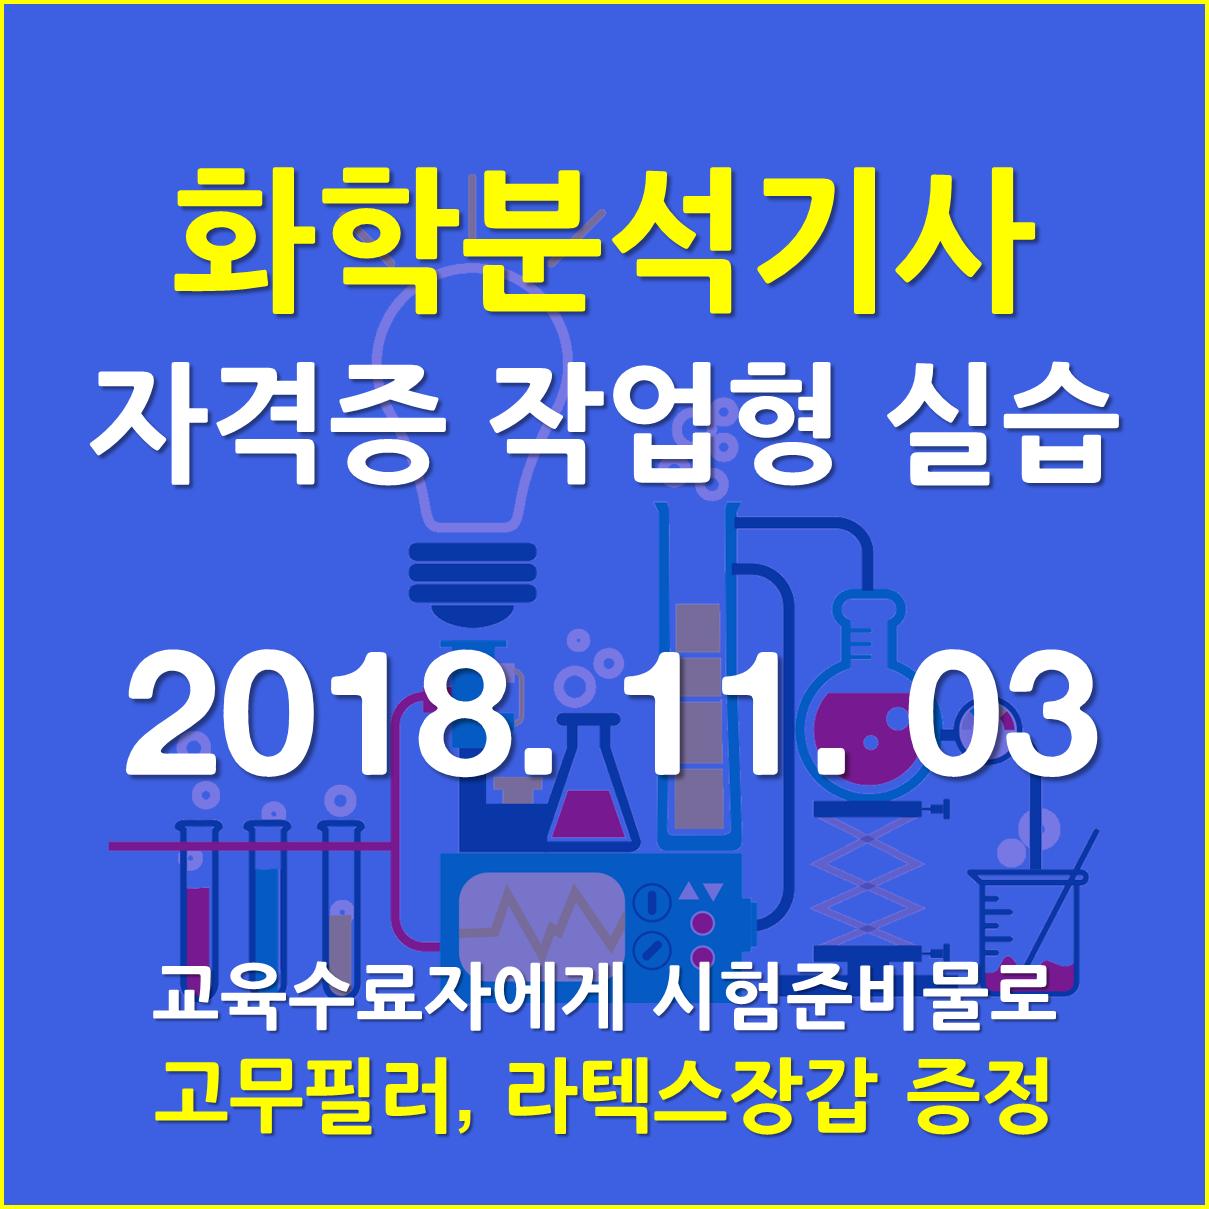 2018년 11월 03일 토요일_화학분석기사.png